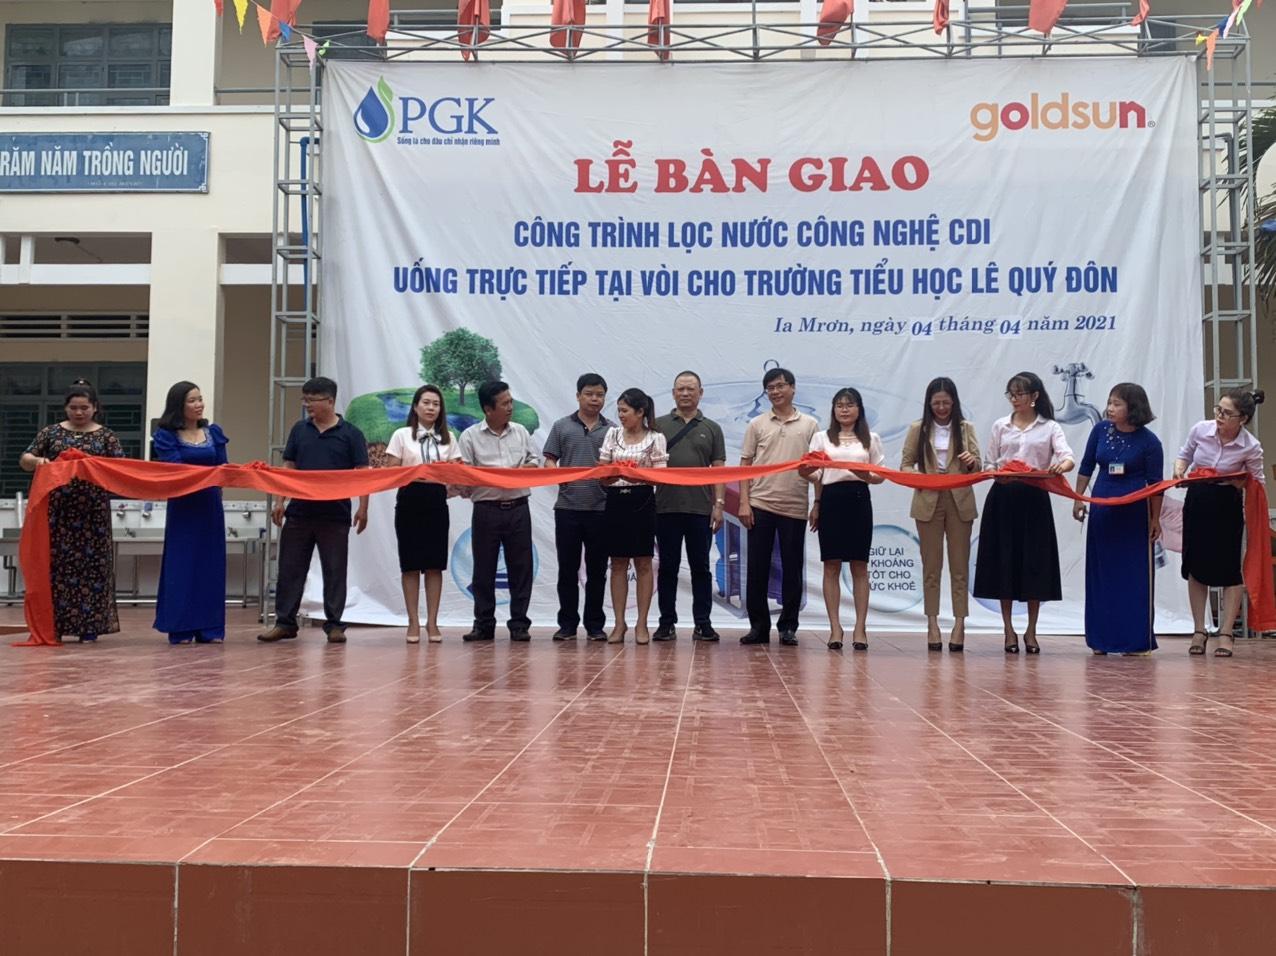 Lễ bàn giao công trình lọc nước công nghệ CDI tại trường tiểu học tỉnh Gia Lai